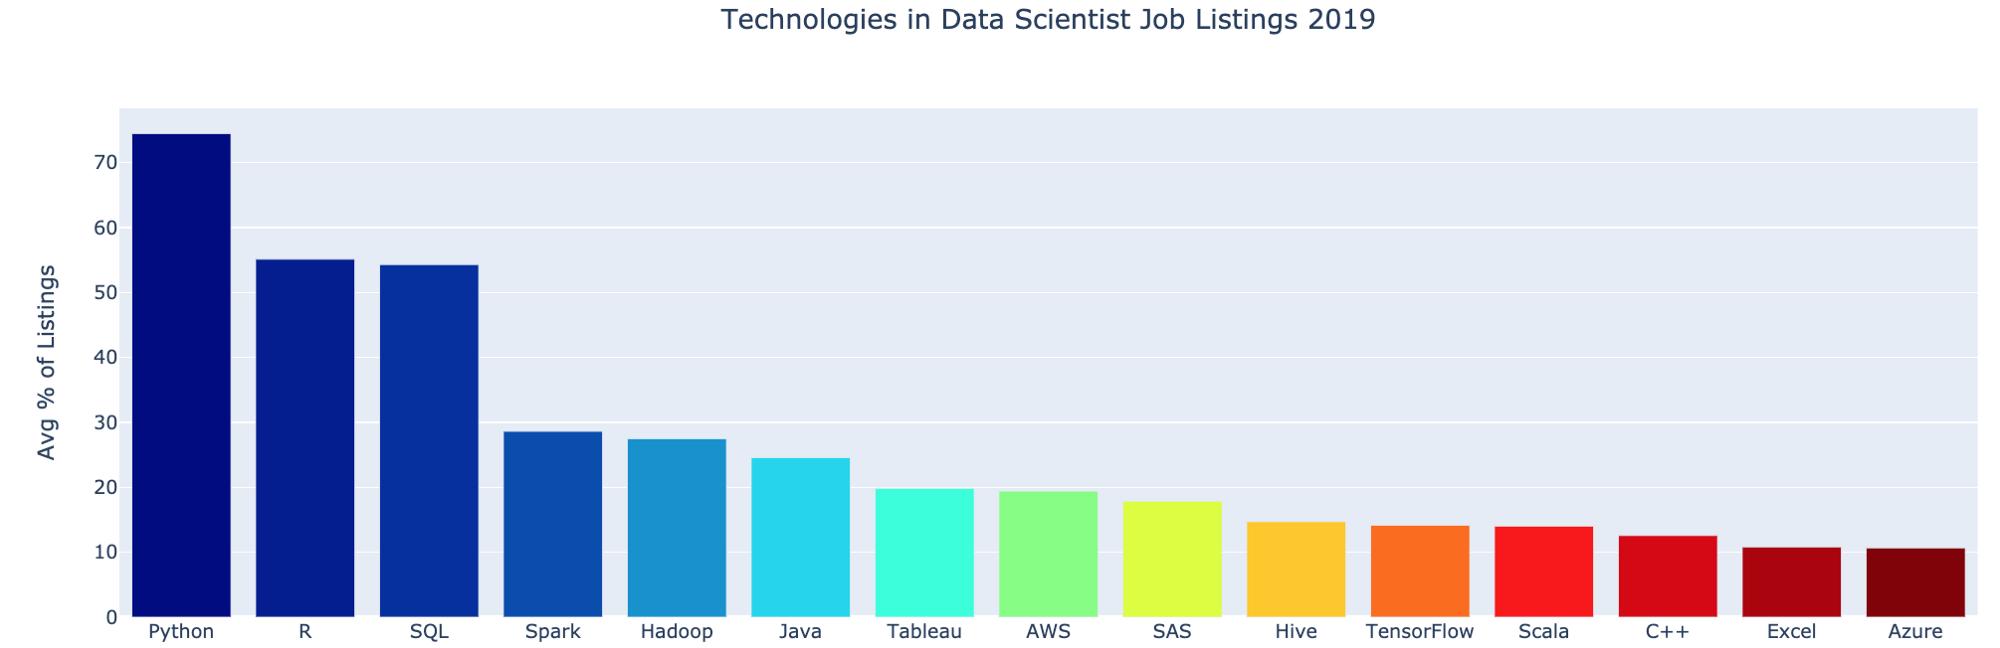 Как выучиться на Data Scientist: наиболее востребованные технические навыки